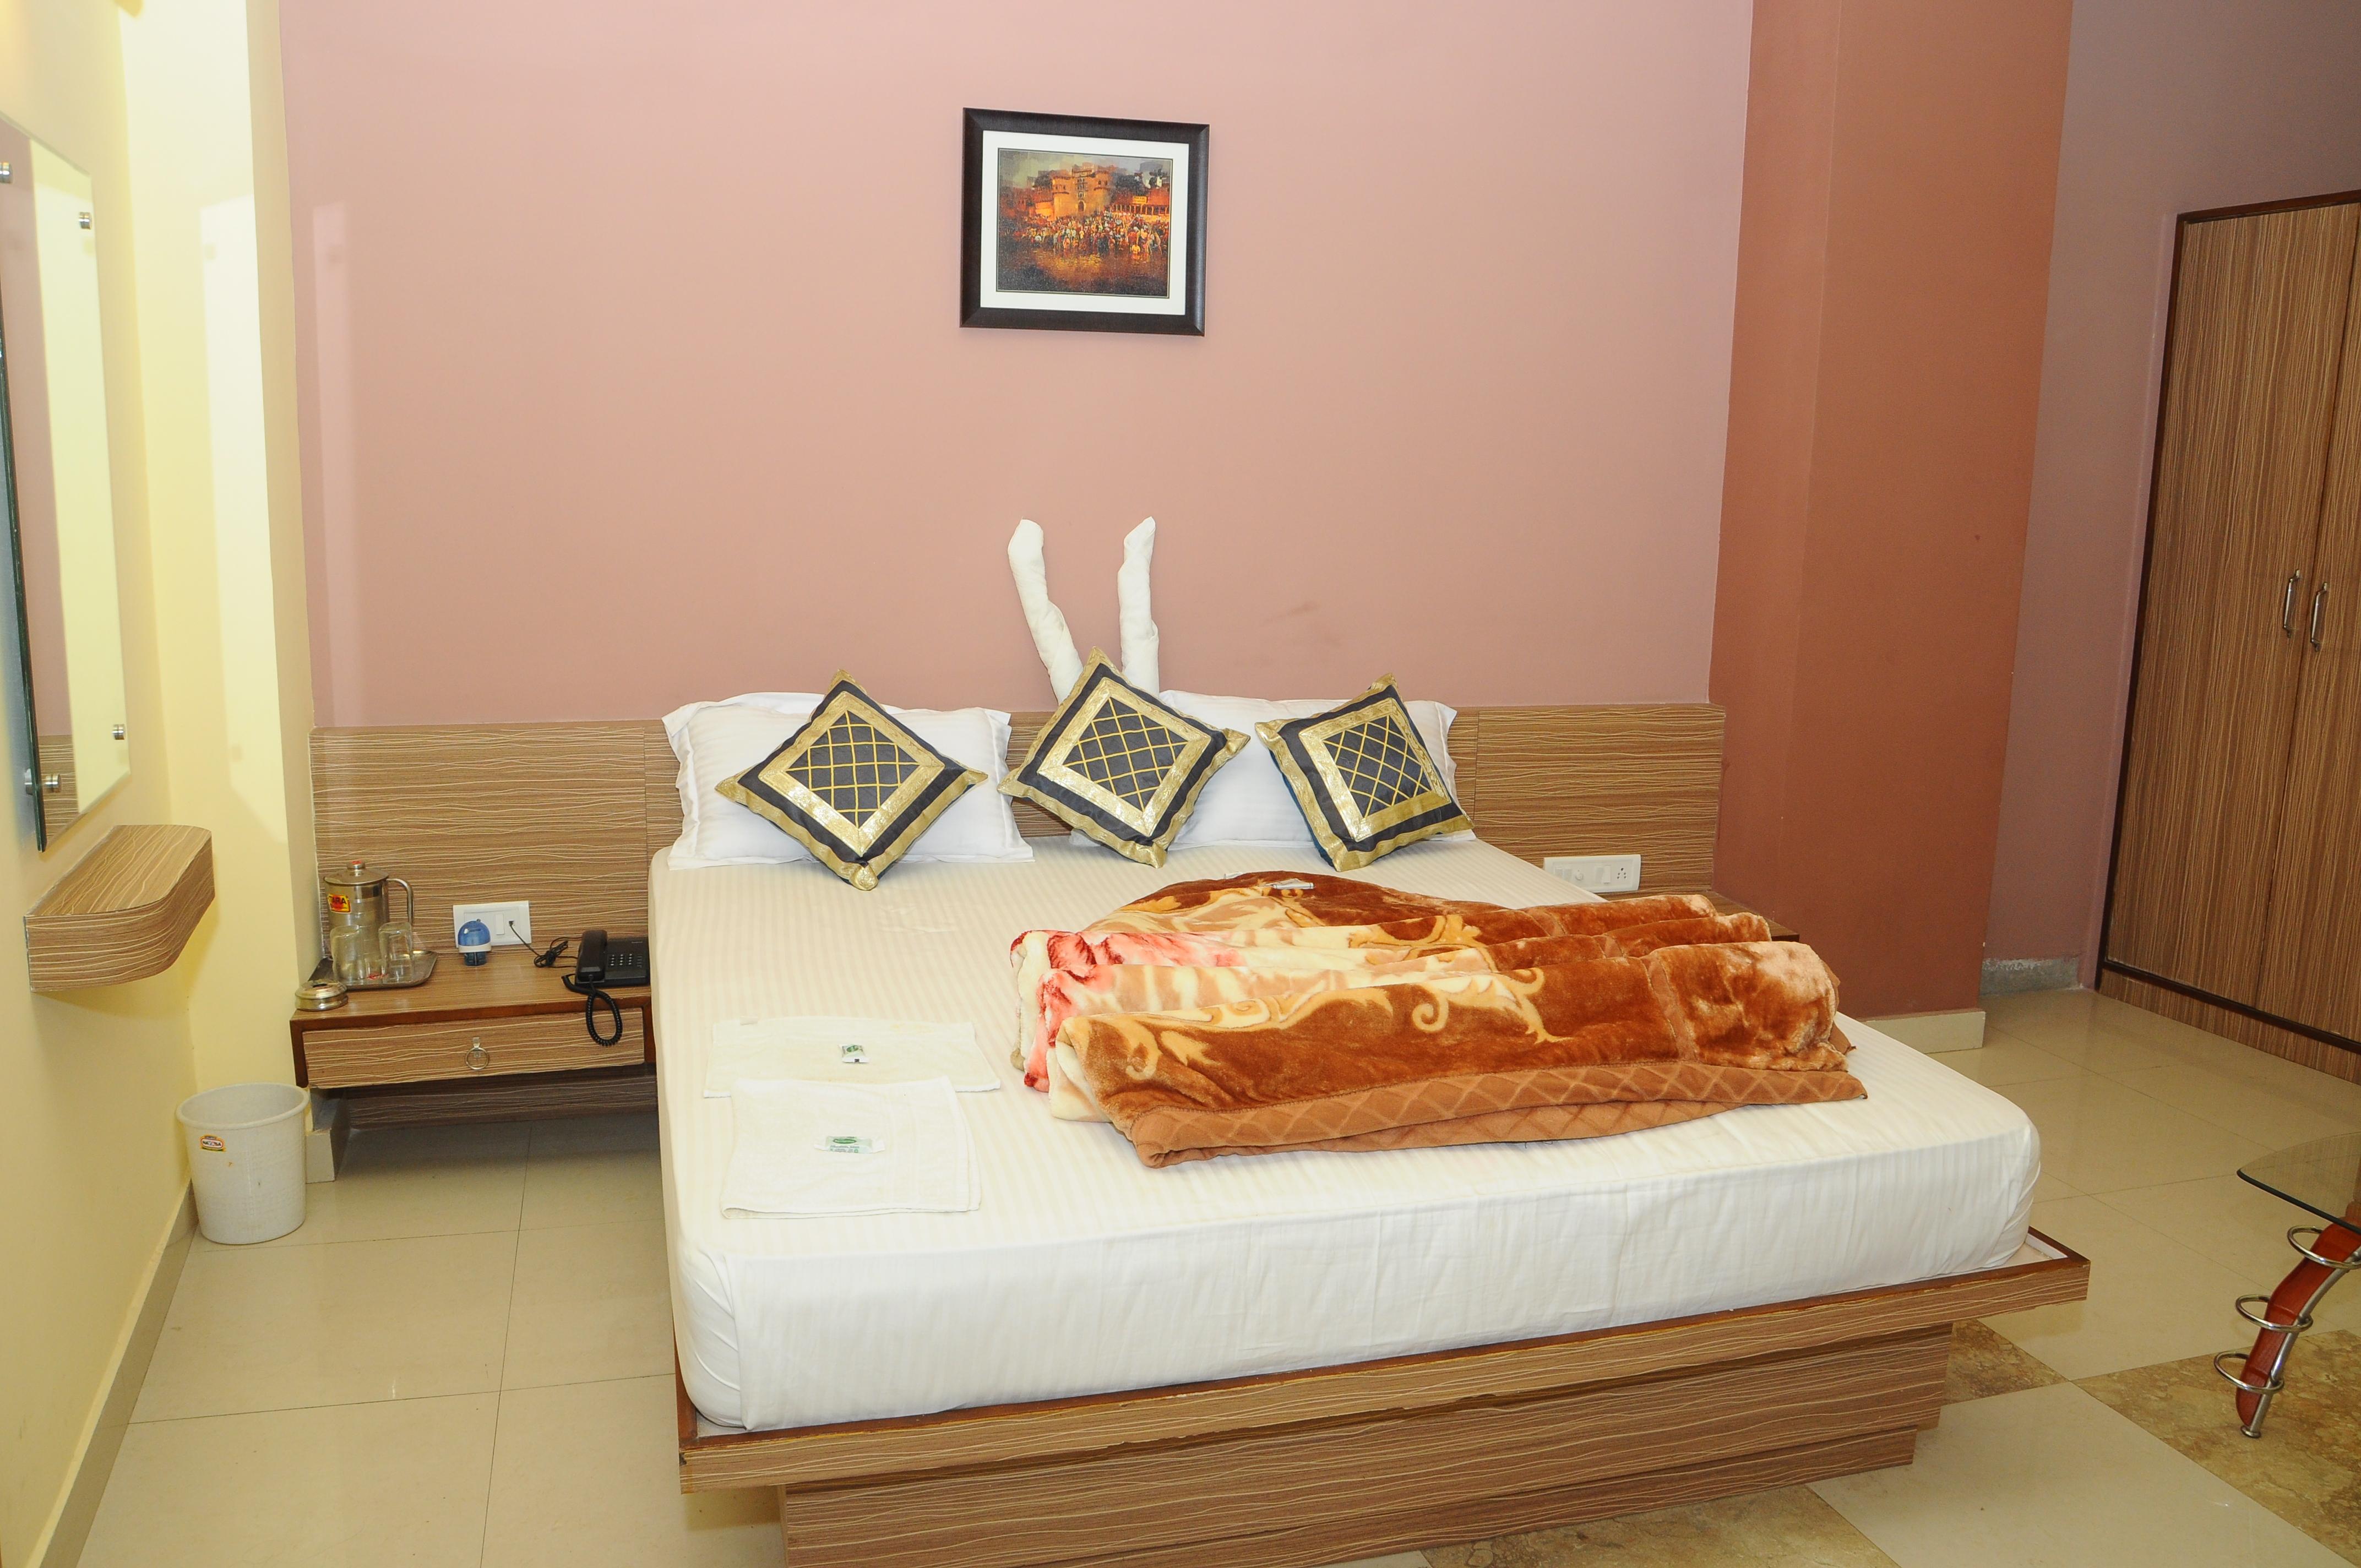 H. K. J. Residency in Varanasi